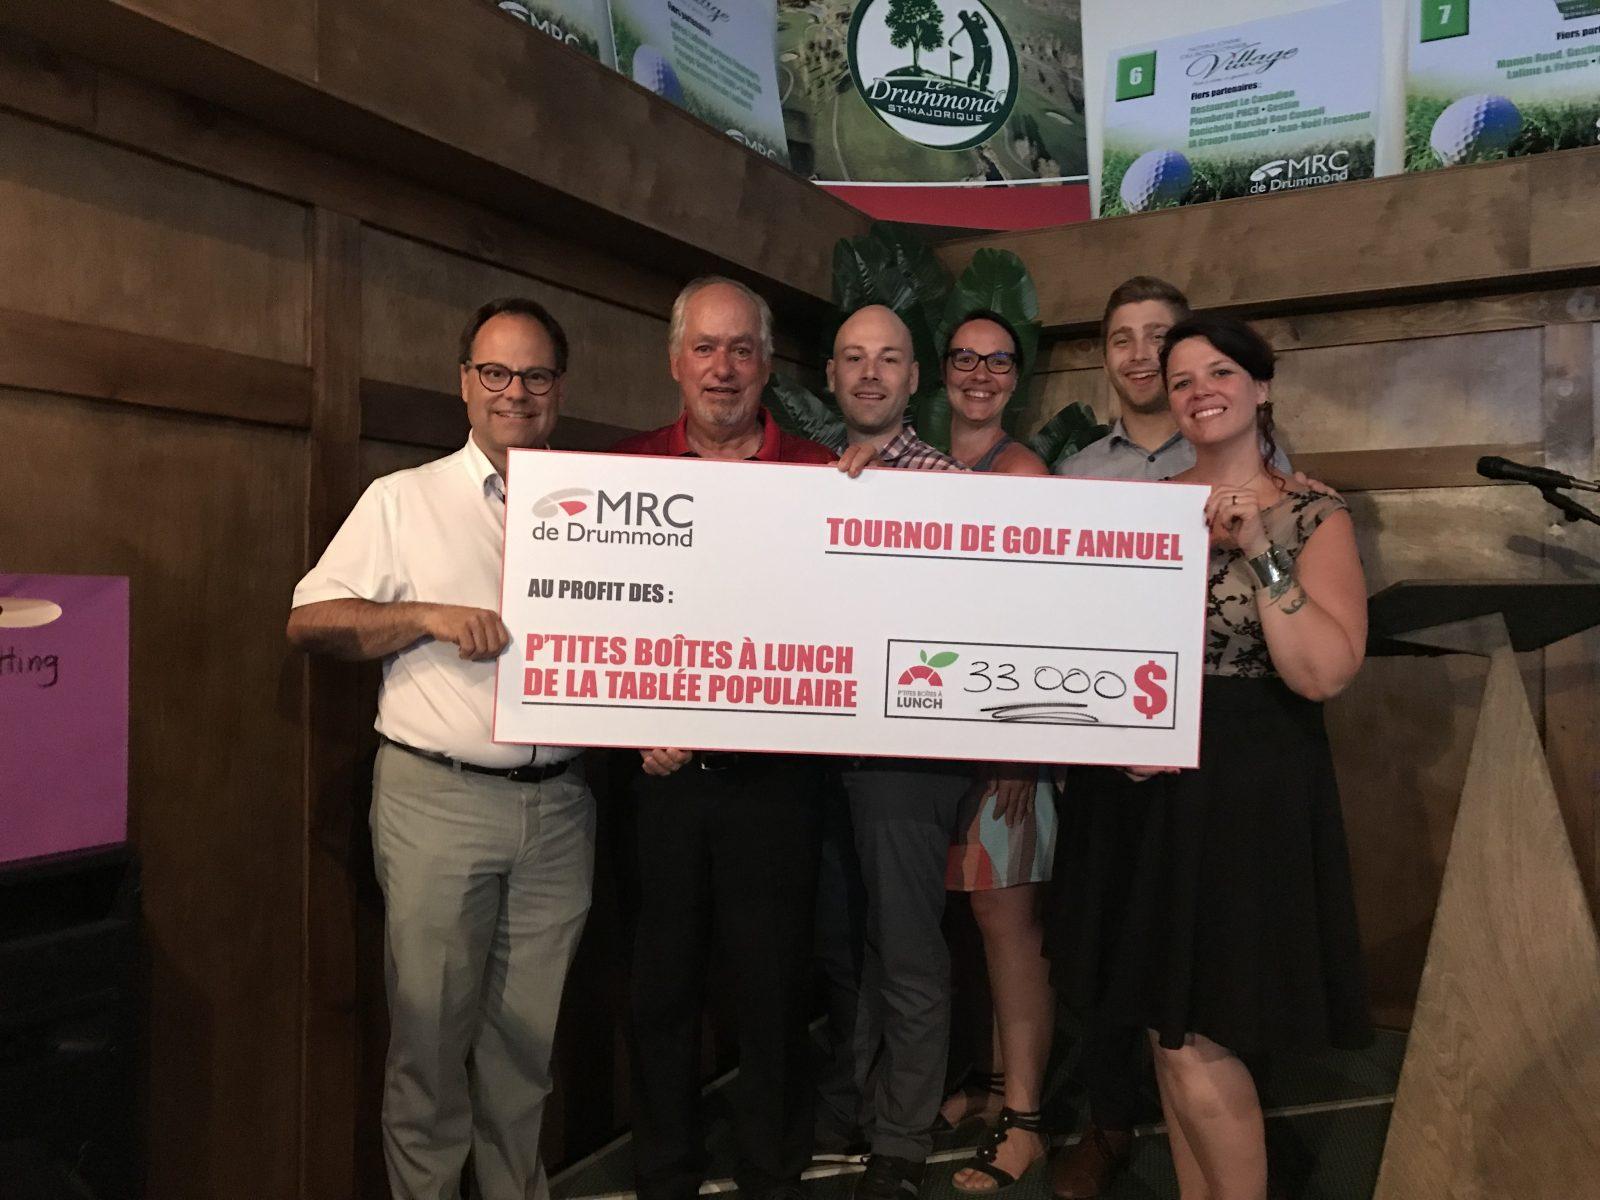 Le tournoi de golf de la MRC recueille 33000 $